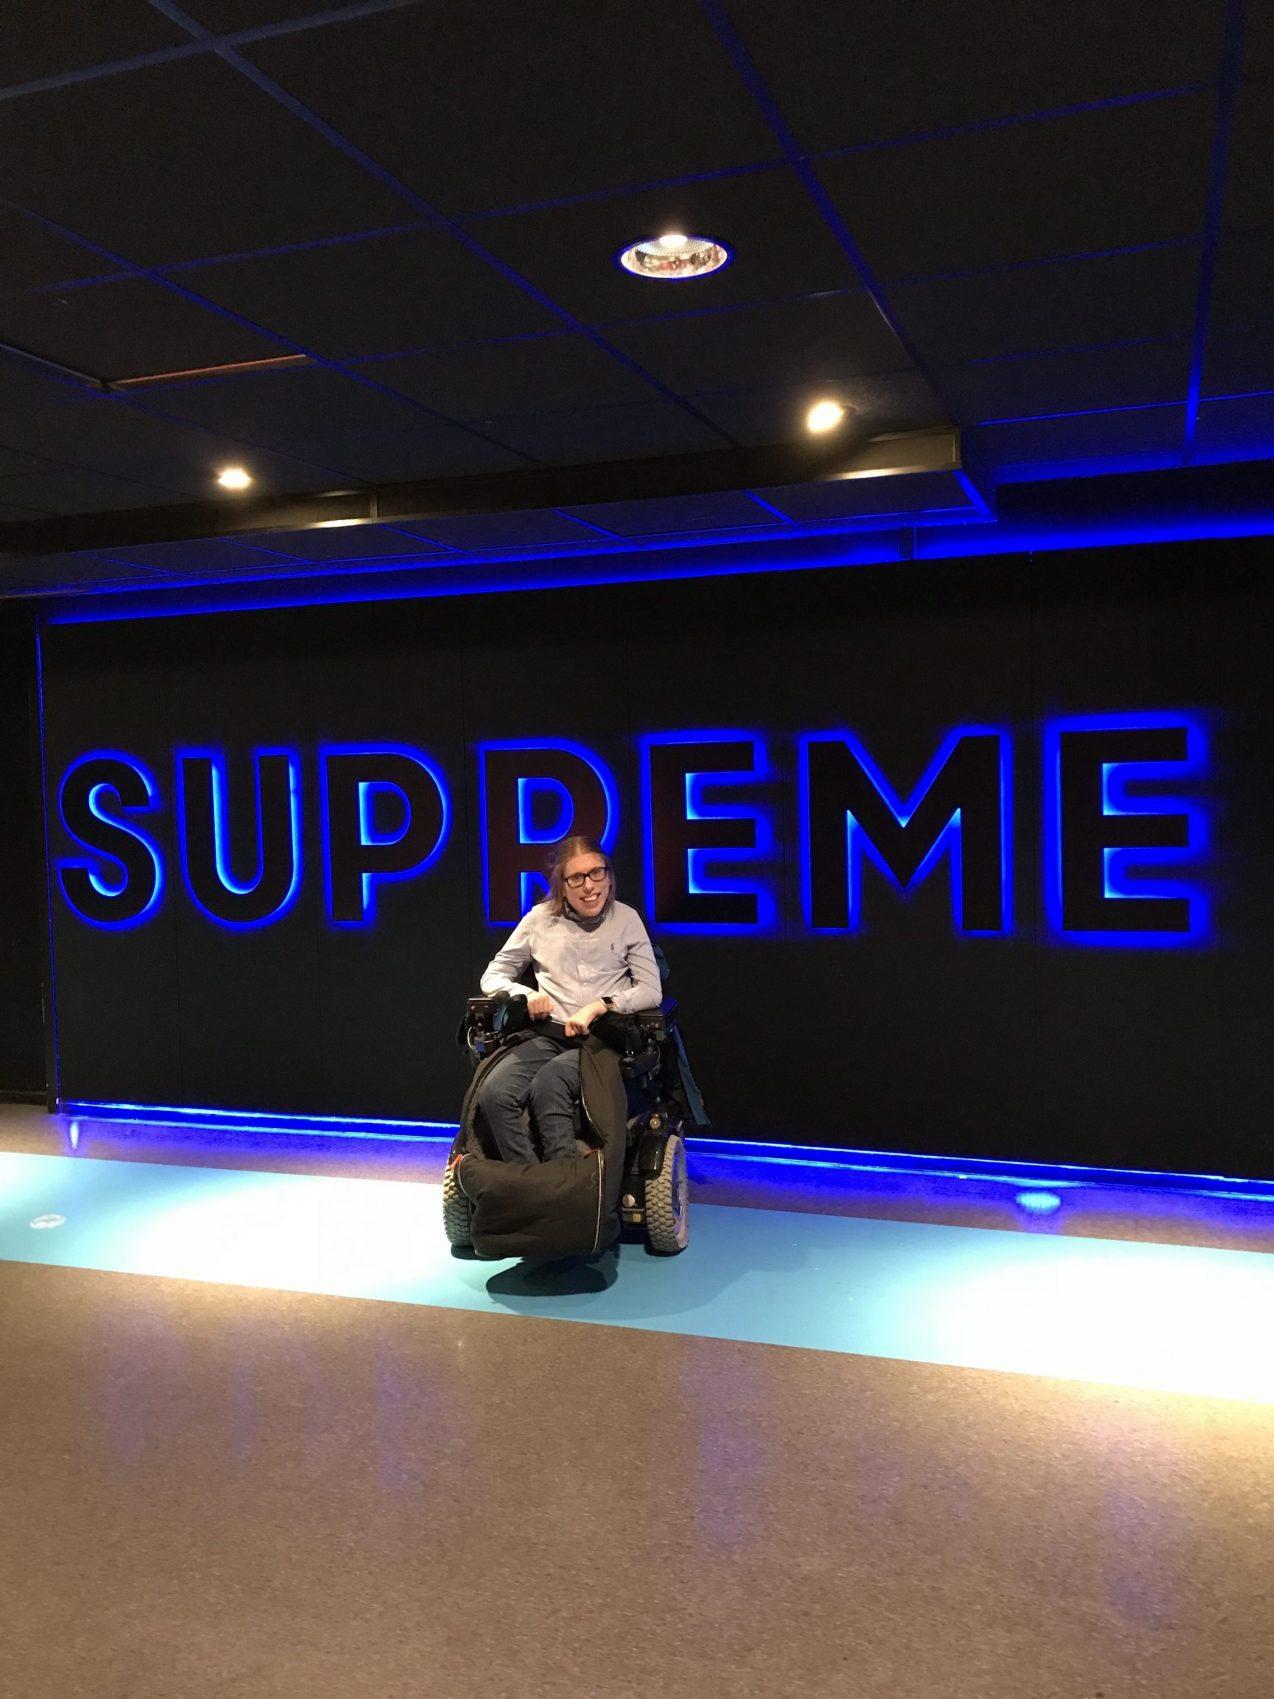 """Forsidebilde - En vegg hvor det står """"Supreme"""" med store bokstaver"""